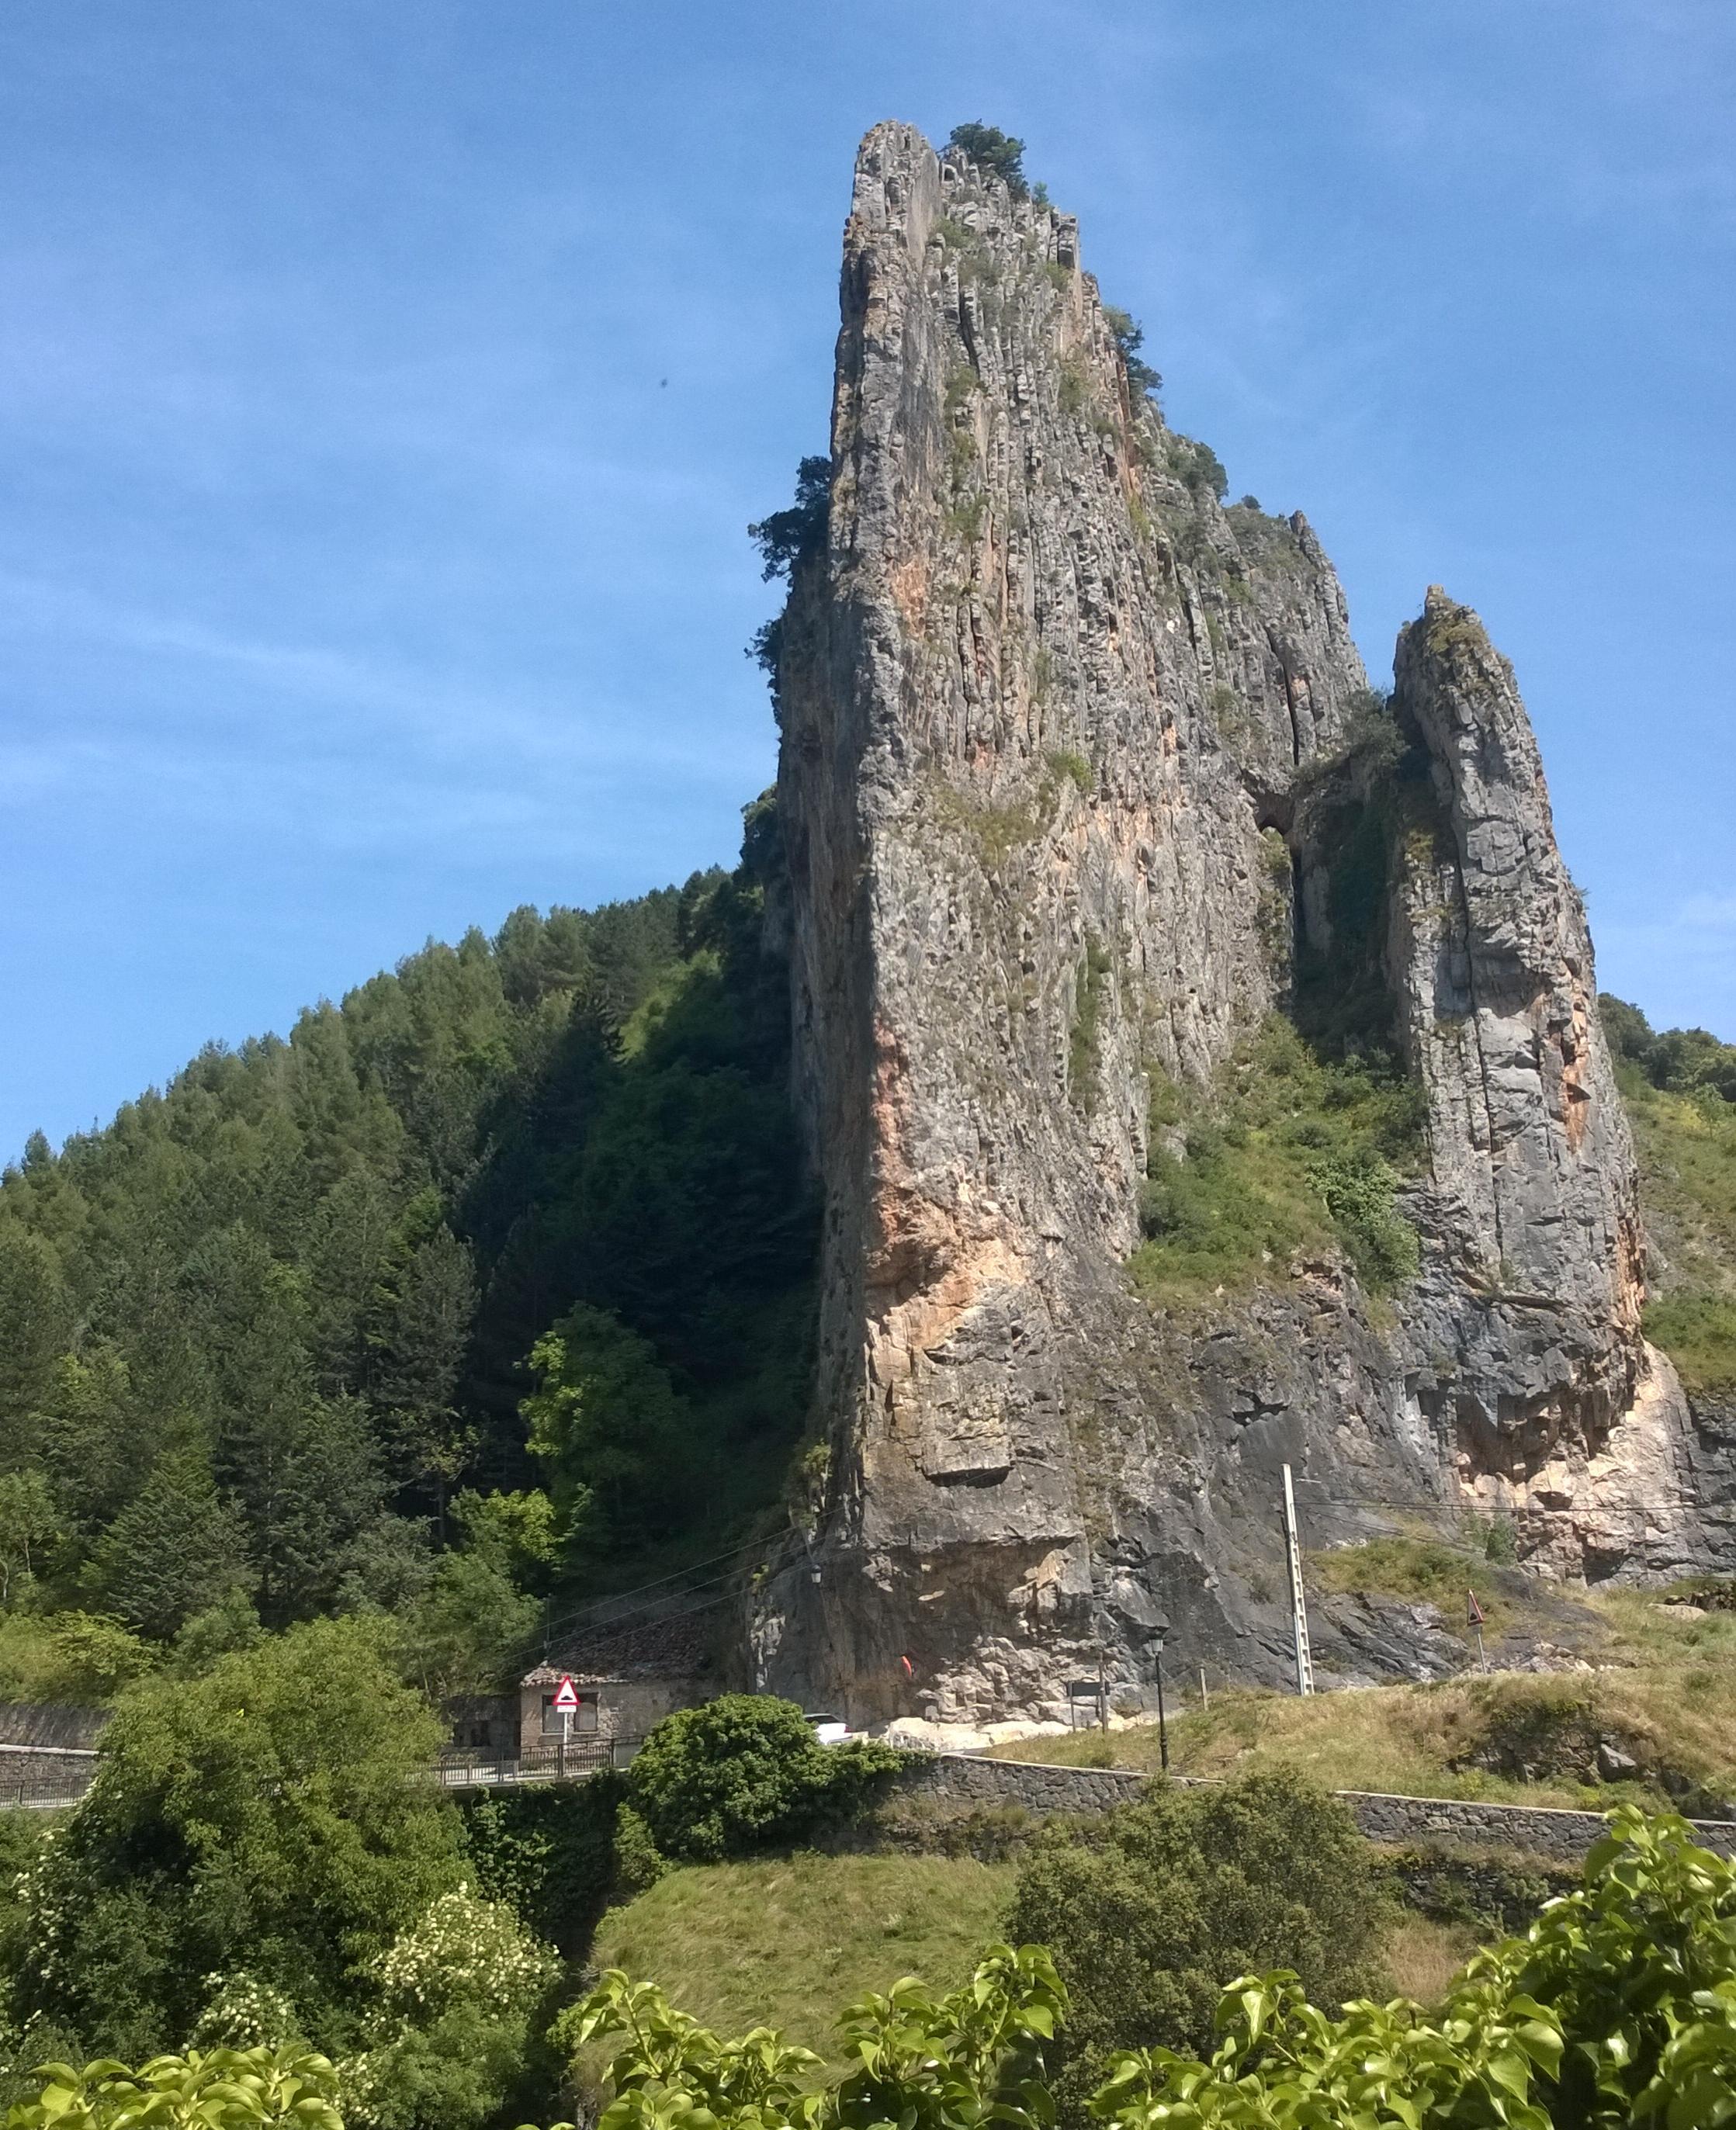 Cortado en la roca. Uno de los flancos de la entrada natural a la Demanda.